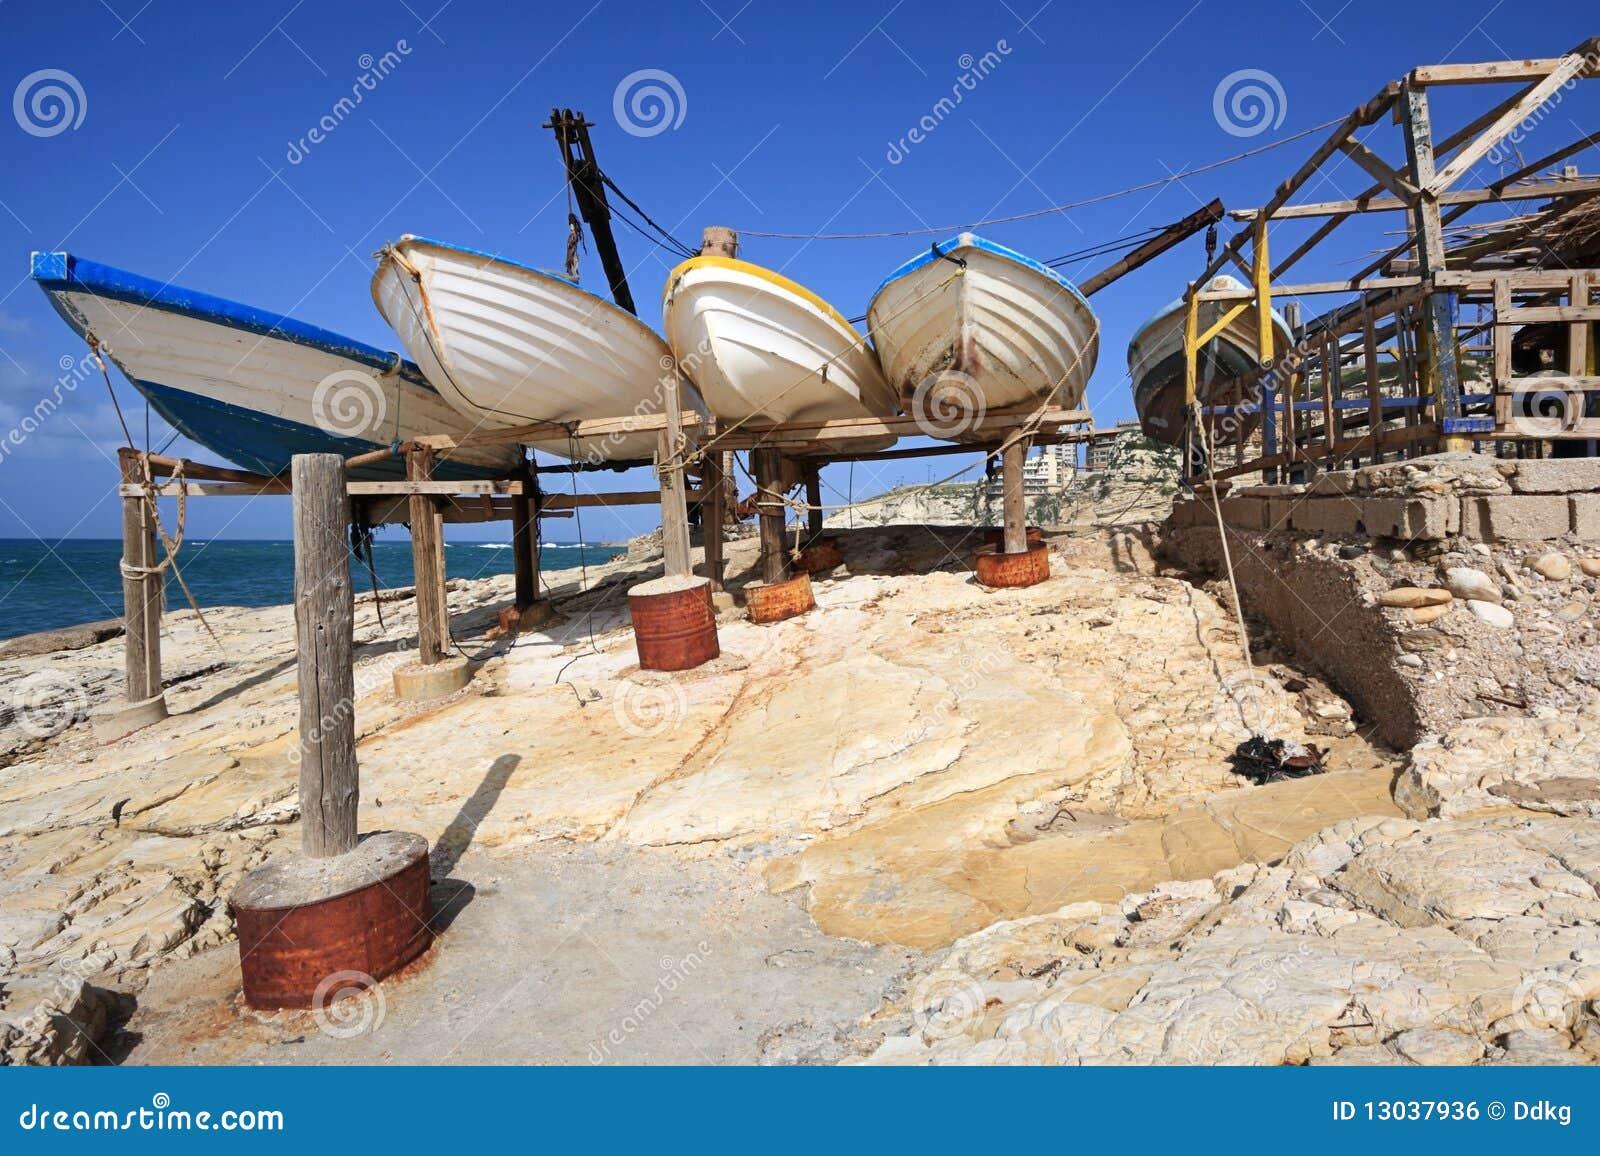 Baños Romanos Beirut:Barcos de pesca dry-docked tradicionais na costa rochosa de Beirute